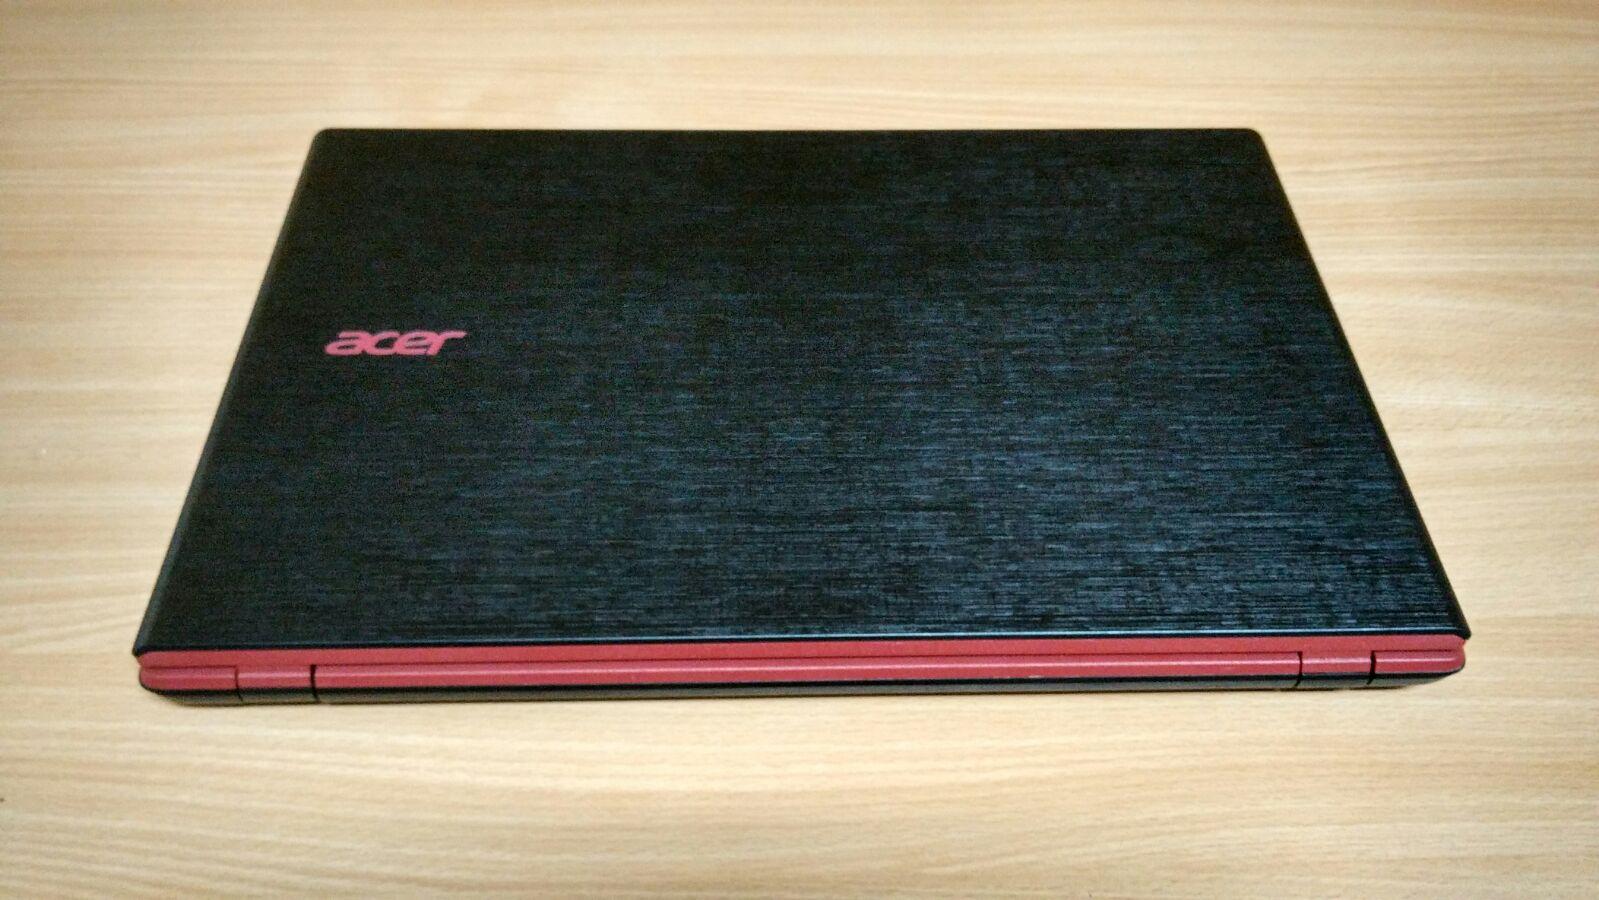 Desain Exterior yang wah dari Acer Aspire E5-552G (FX) memang membuat Gaming Laptop menjadi sangat Premium